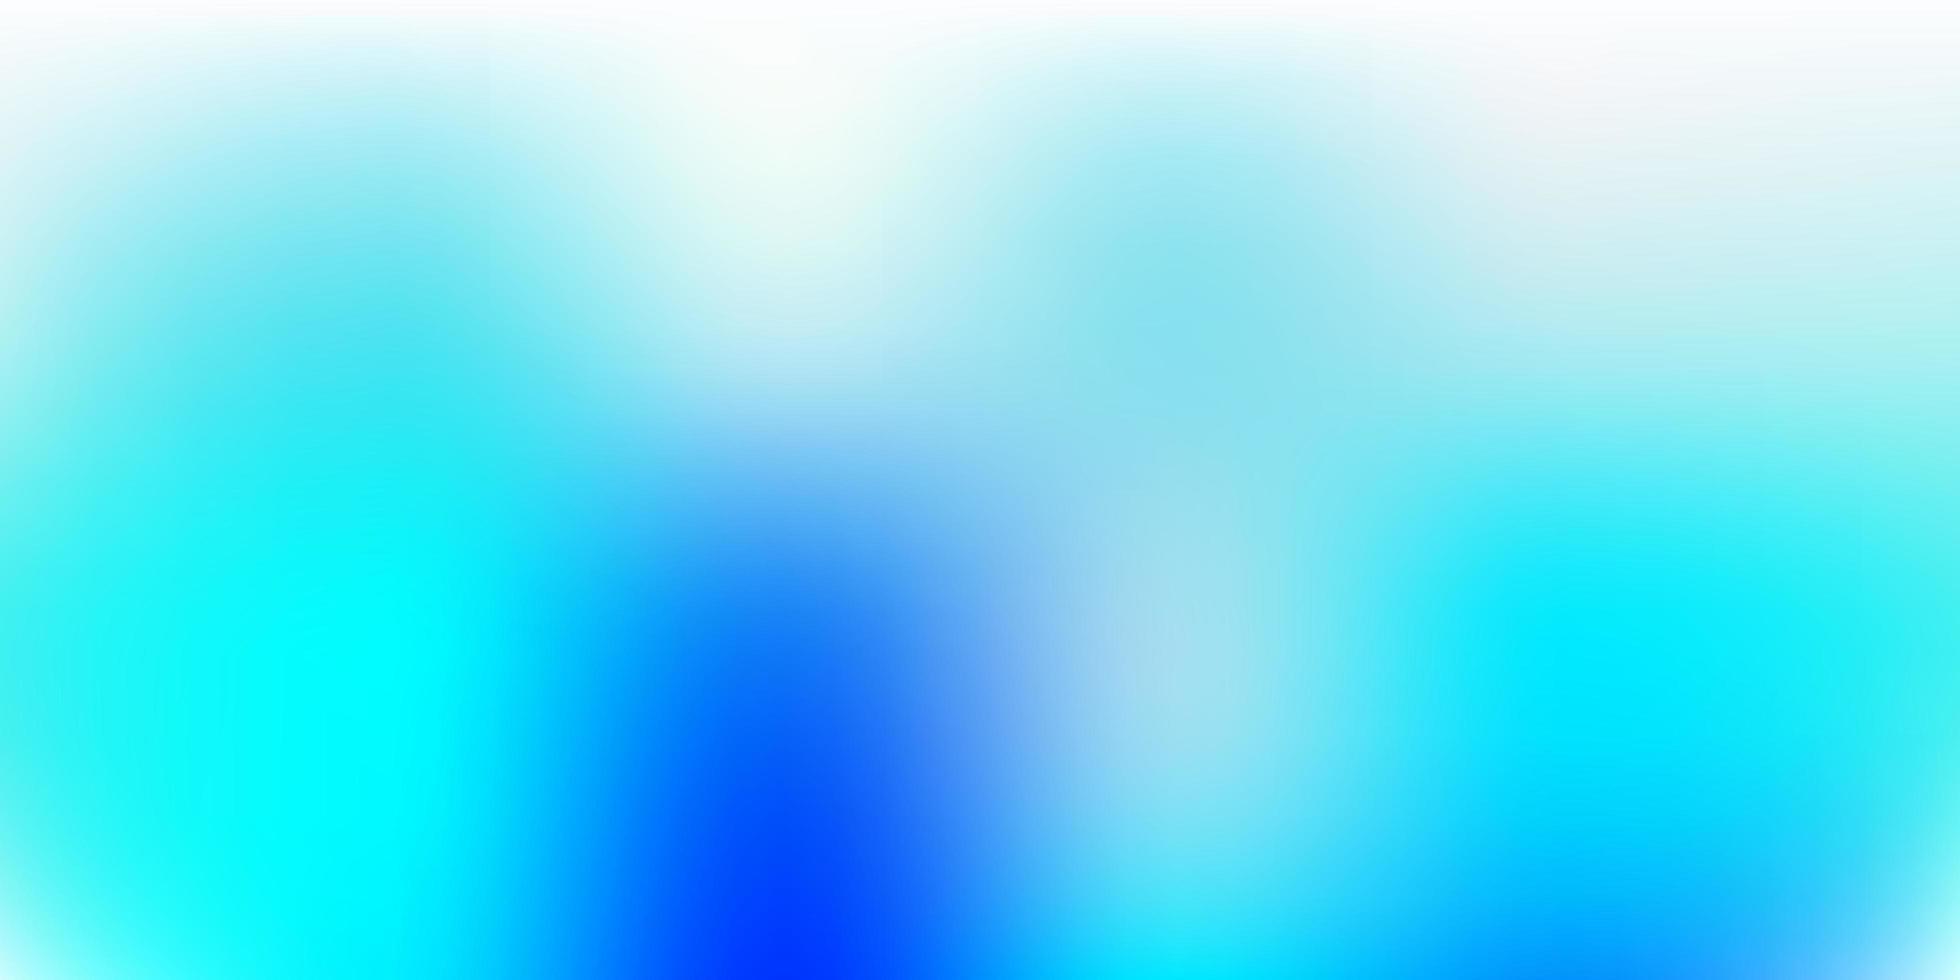 disegno di sfocatura vettoriale blu chiaro.